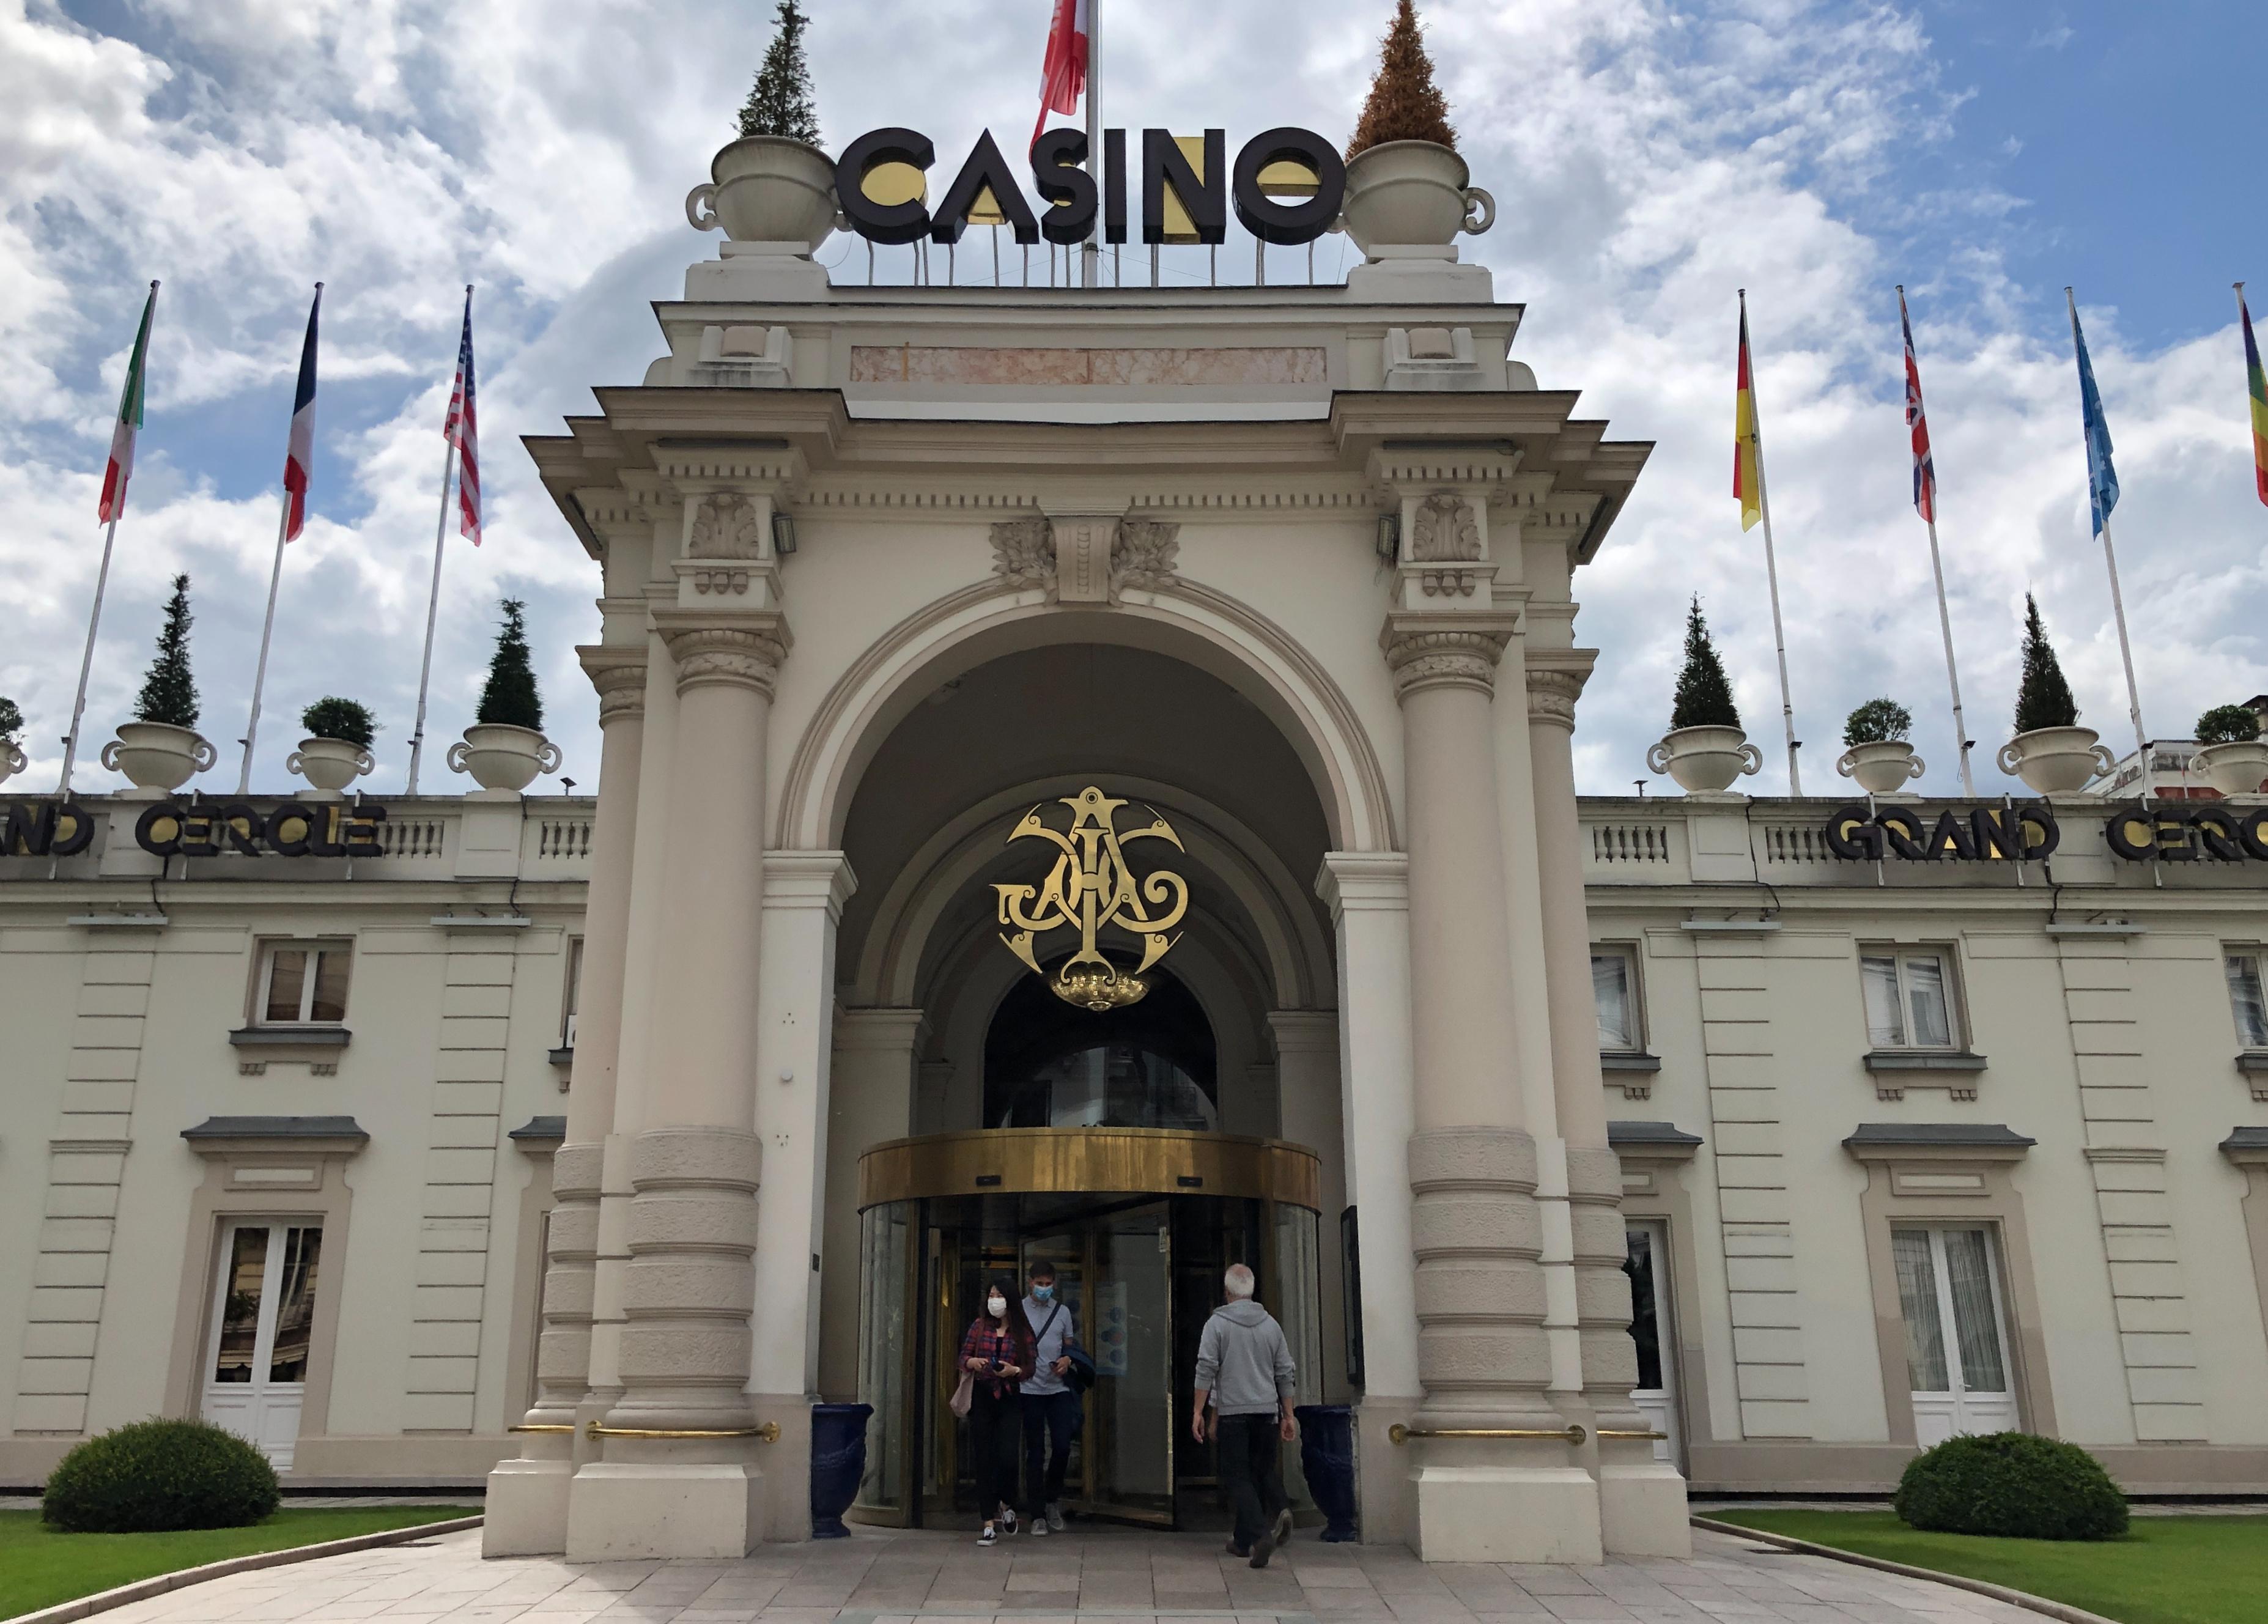 Les casinos et salles de jeux resteront fermés y compris la journée